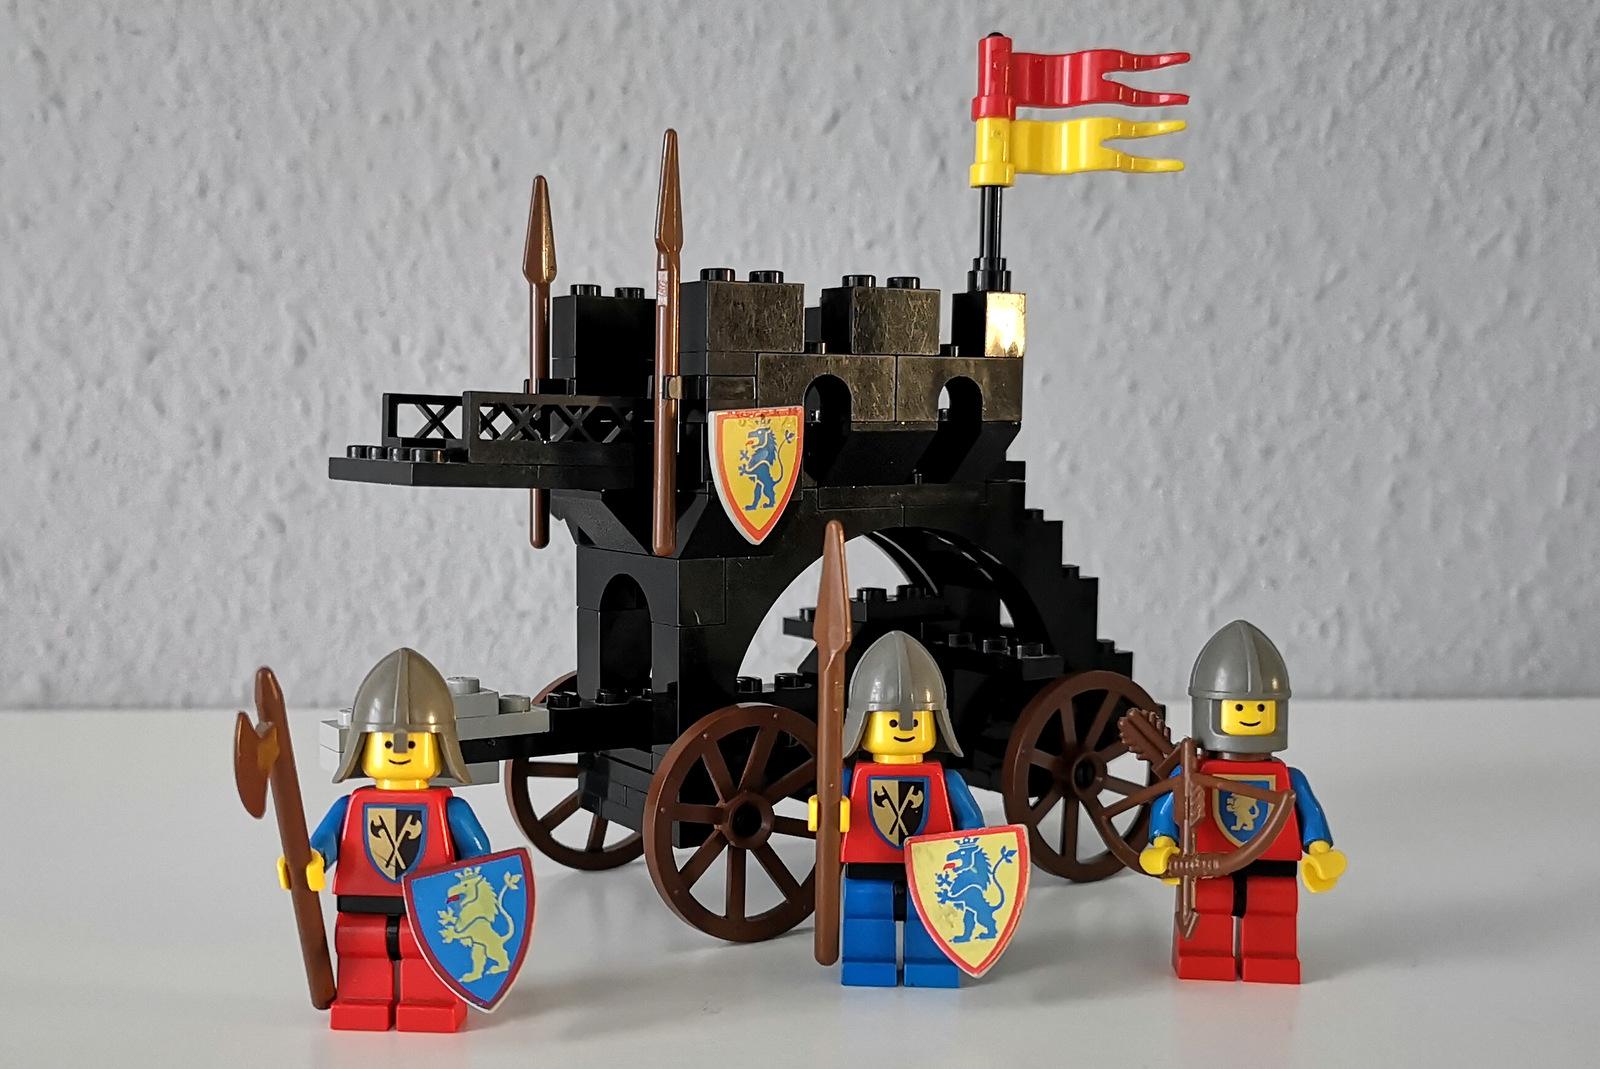 LEGO 6062 Löwenritter Figuren